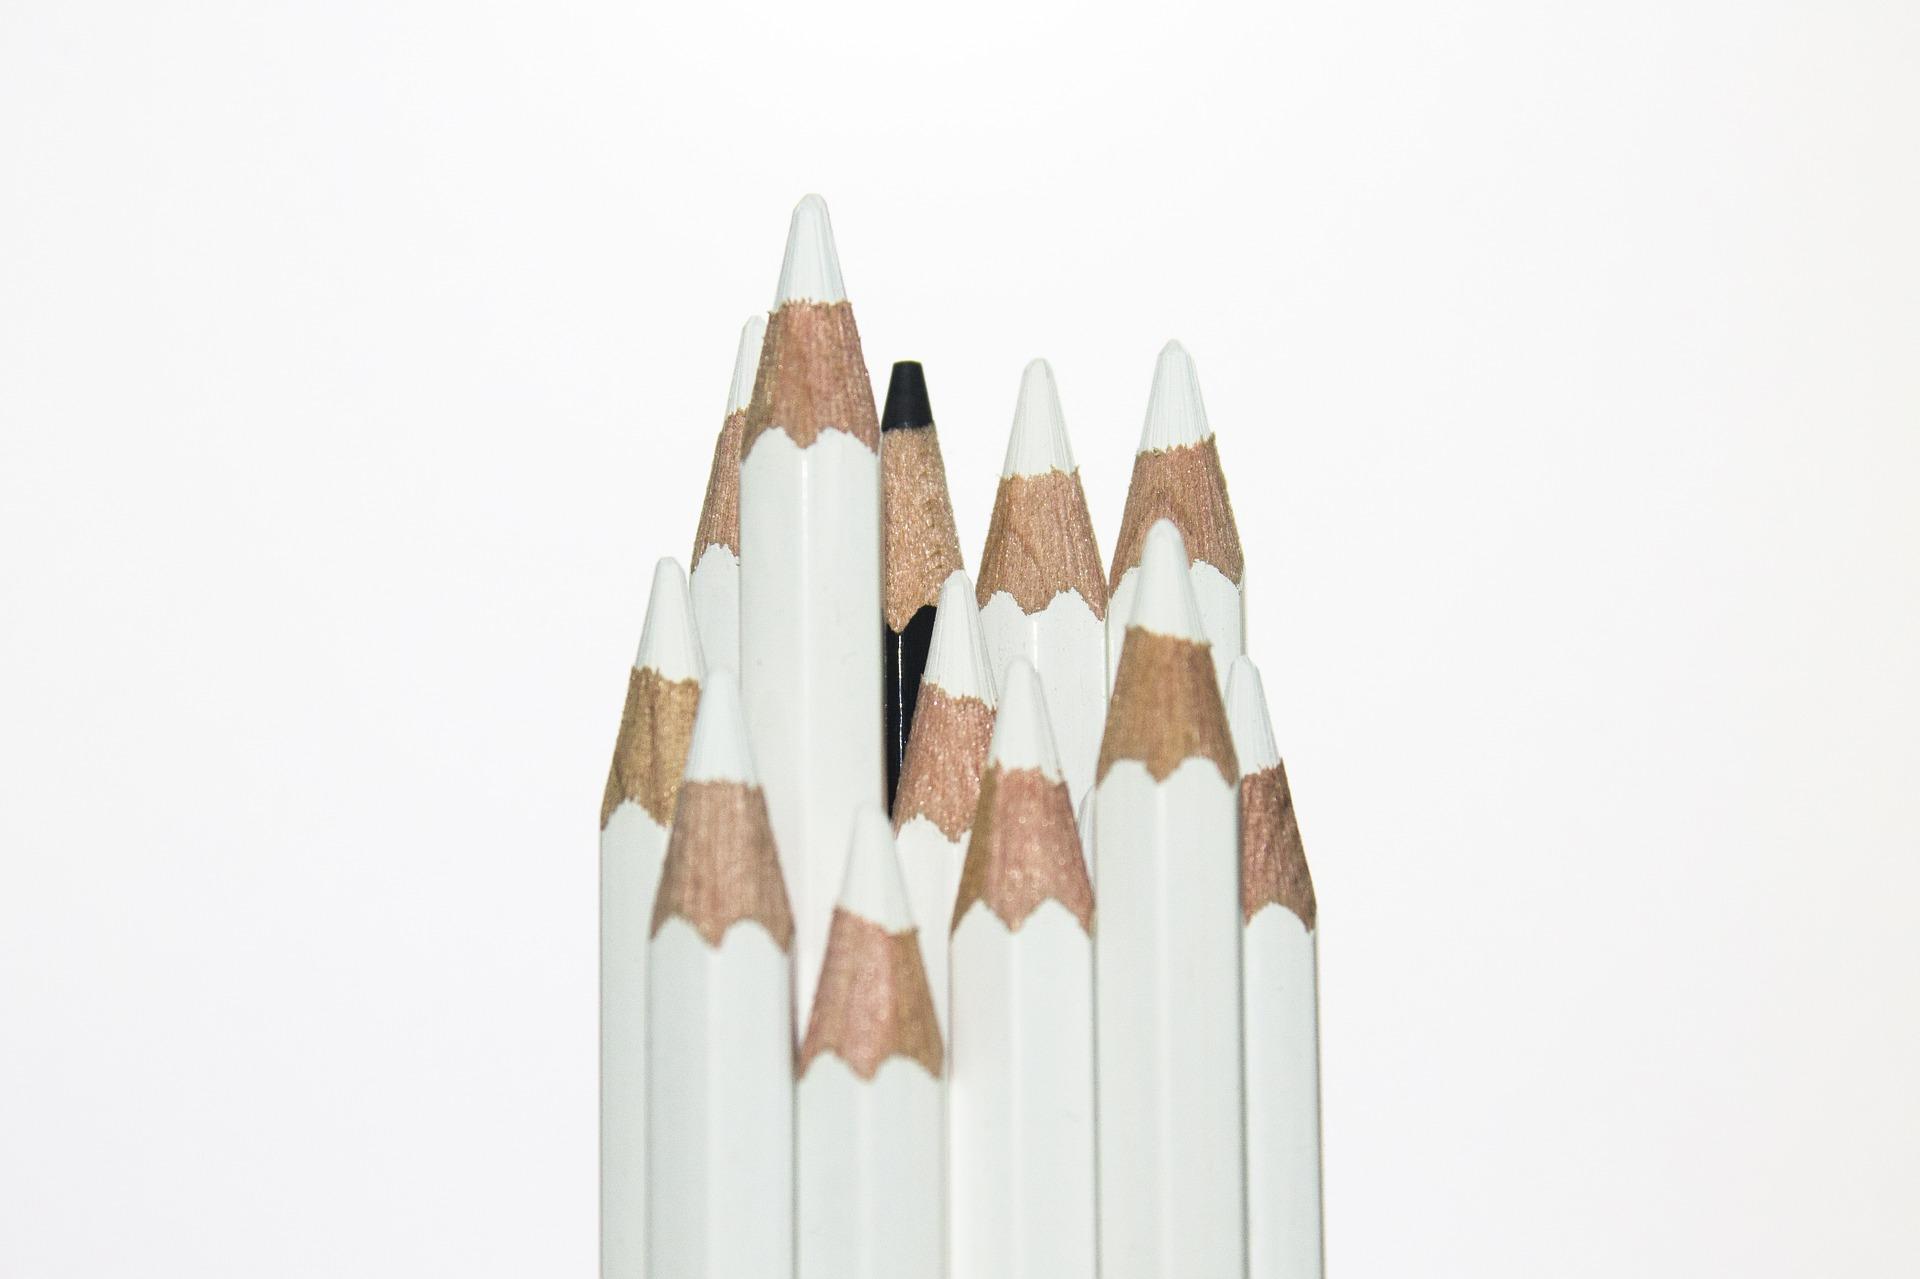 Pencil 1385100 1920